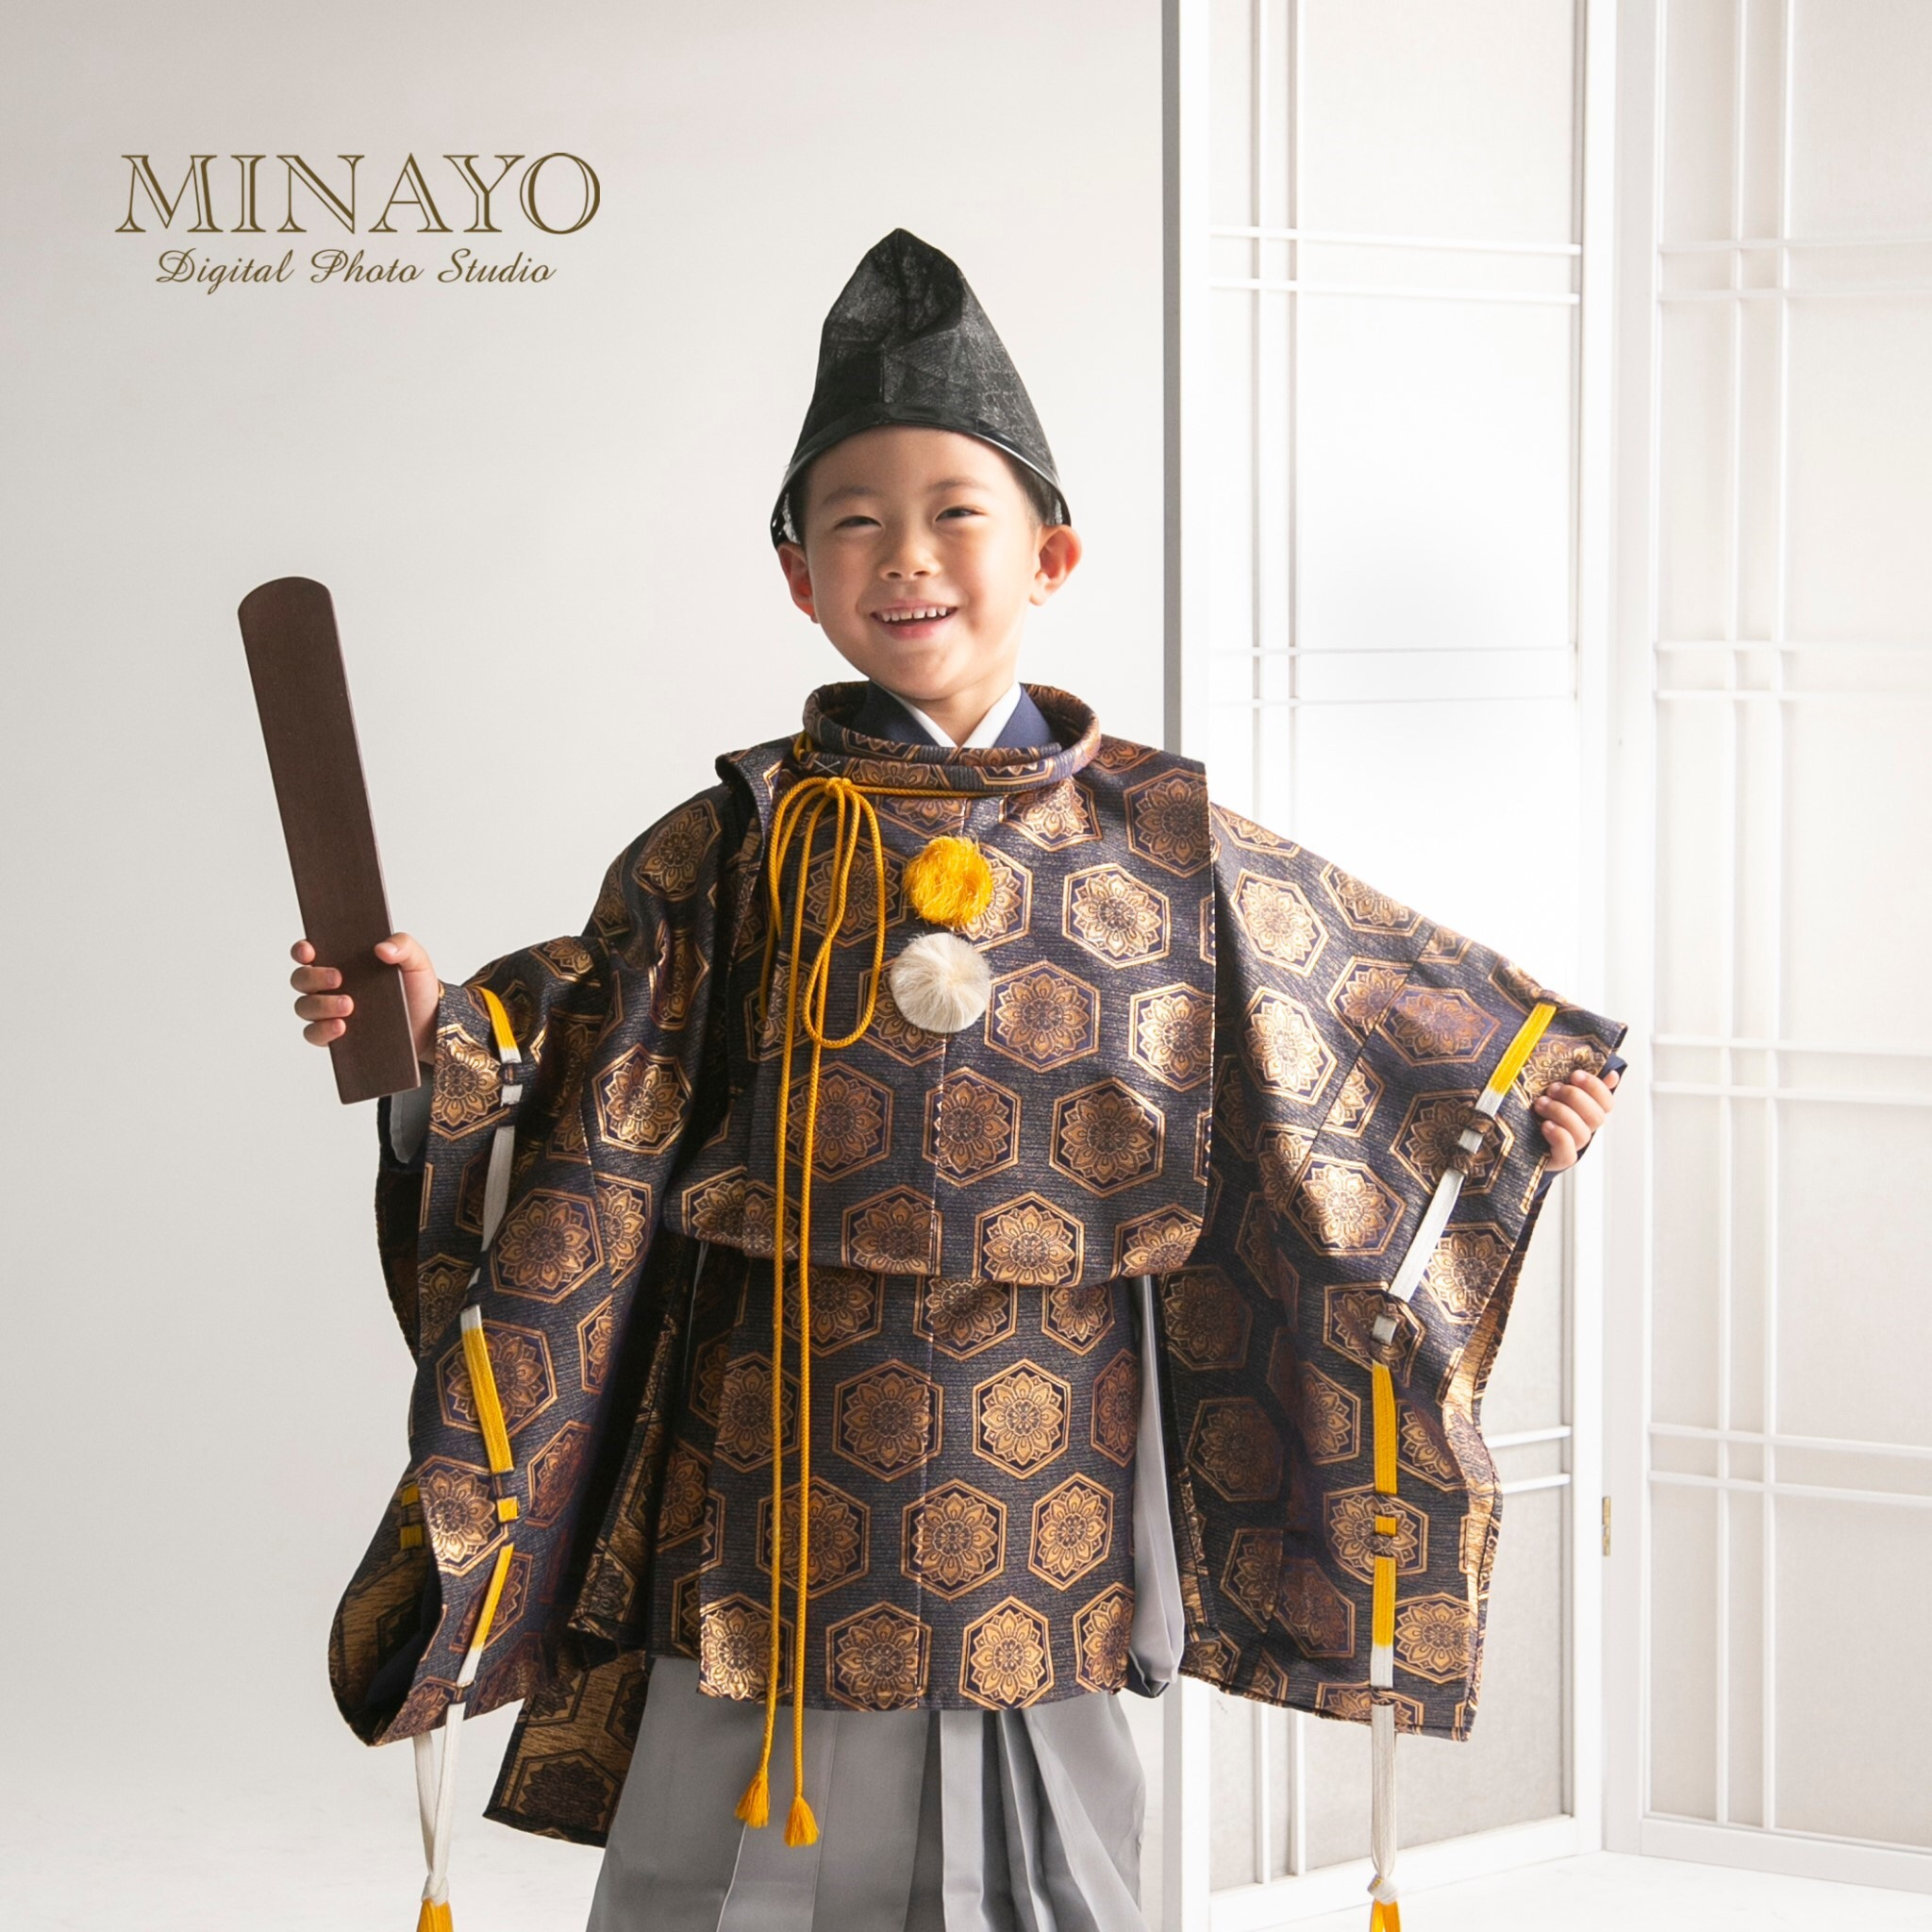 水干の衣装を着た5歳の男児